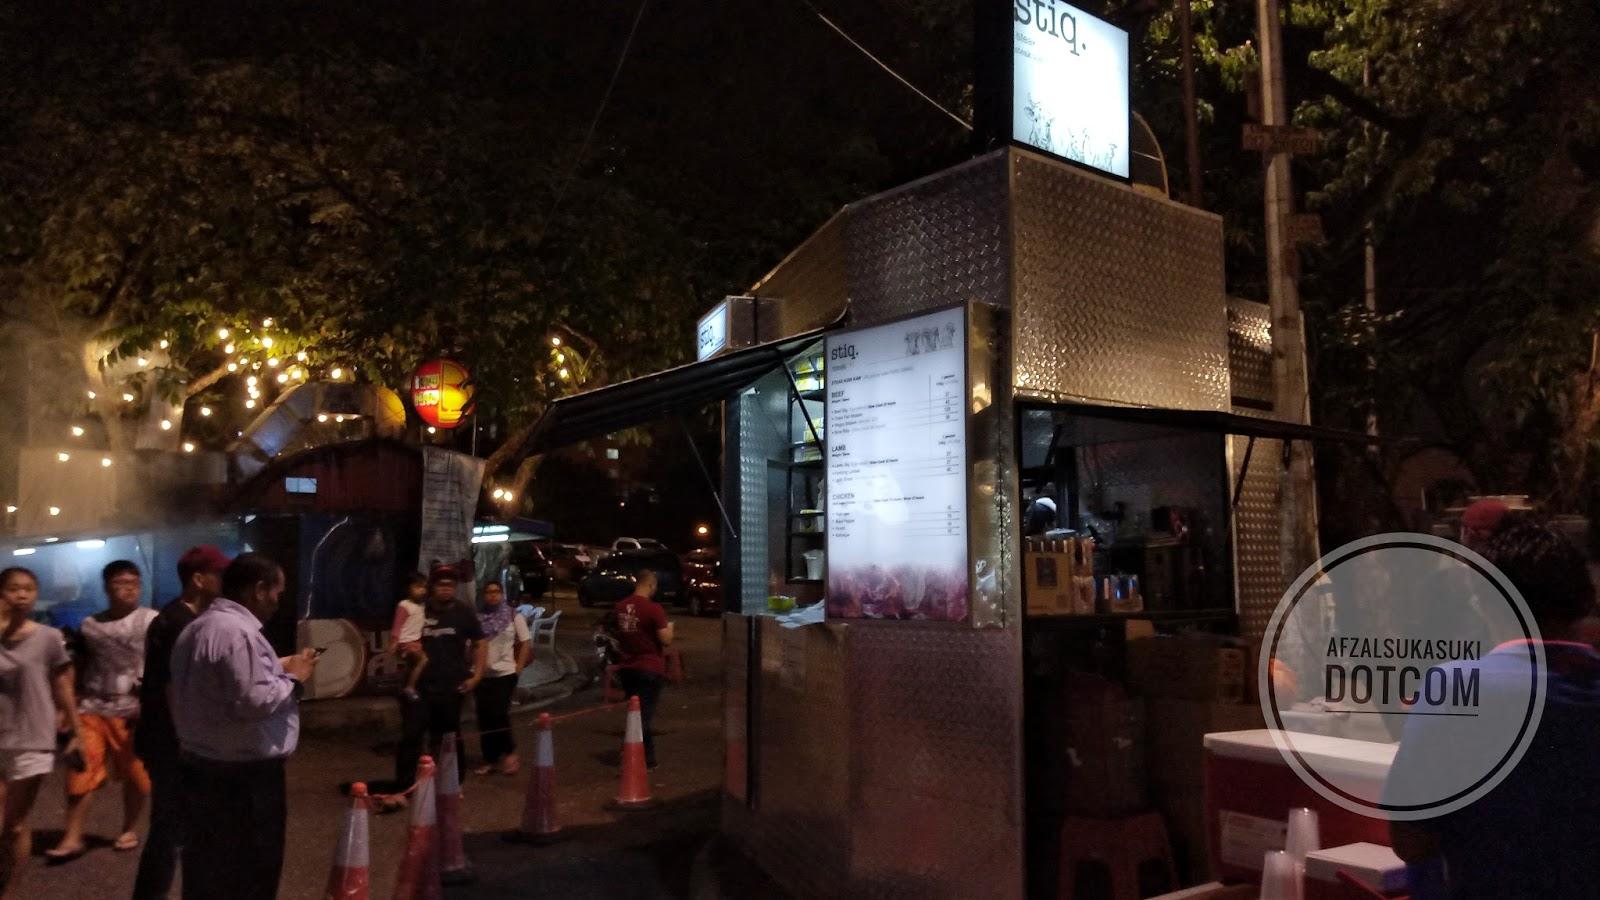 Selama Ni Kalau Aku Nak Makan Steak Daging Premium Atau Wagyu Kena Pergi Hotel Restoran Mewah Kat Average Harga Dalam RM300